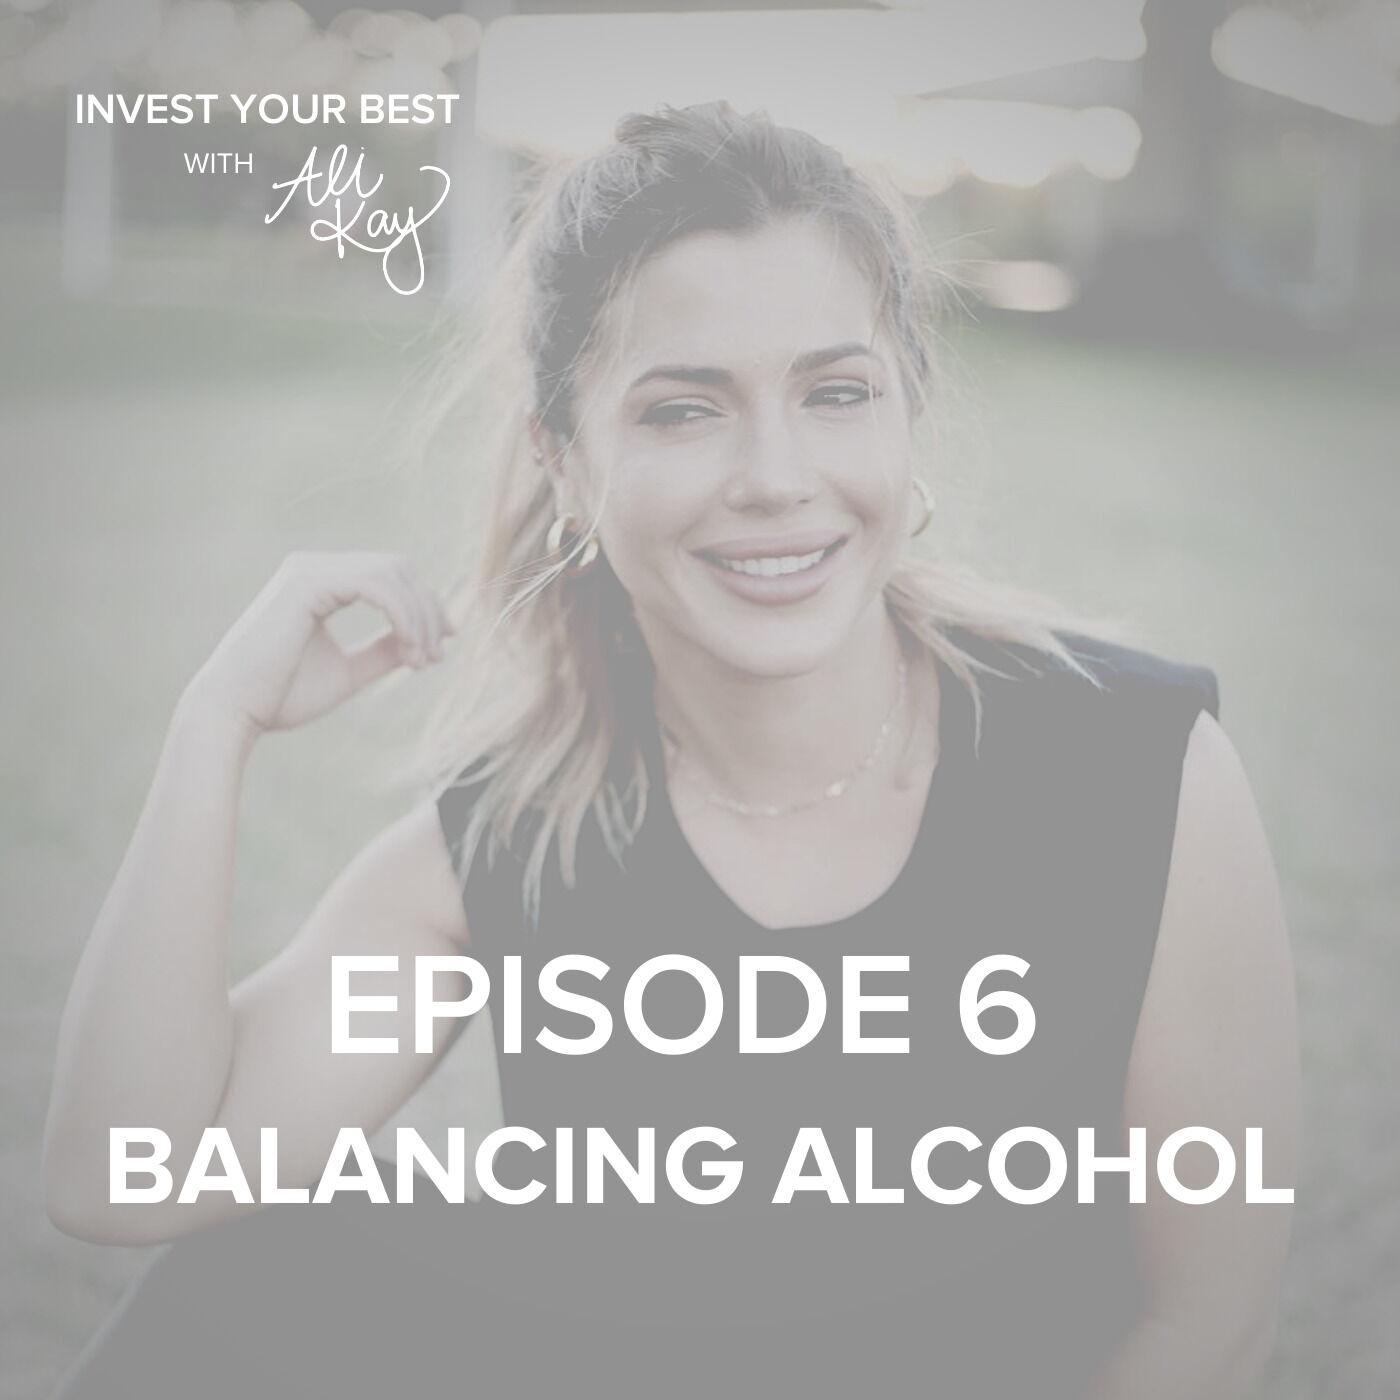 Balancing Alcohol